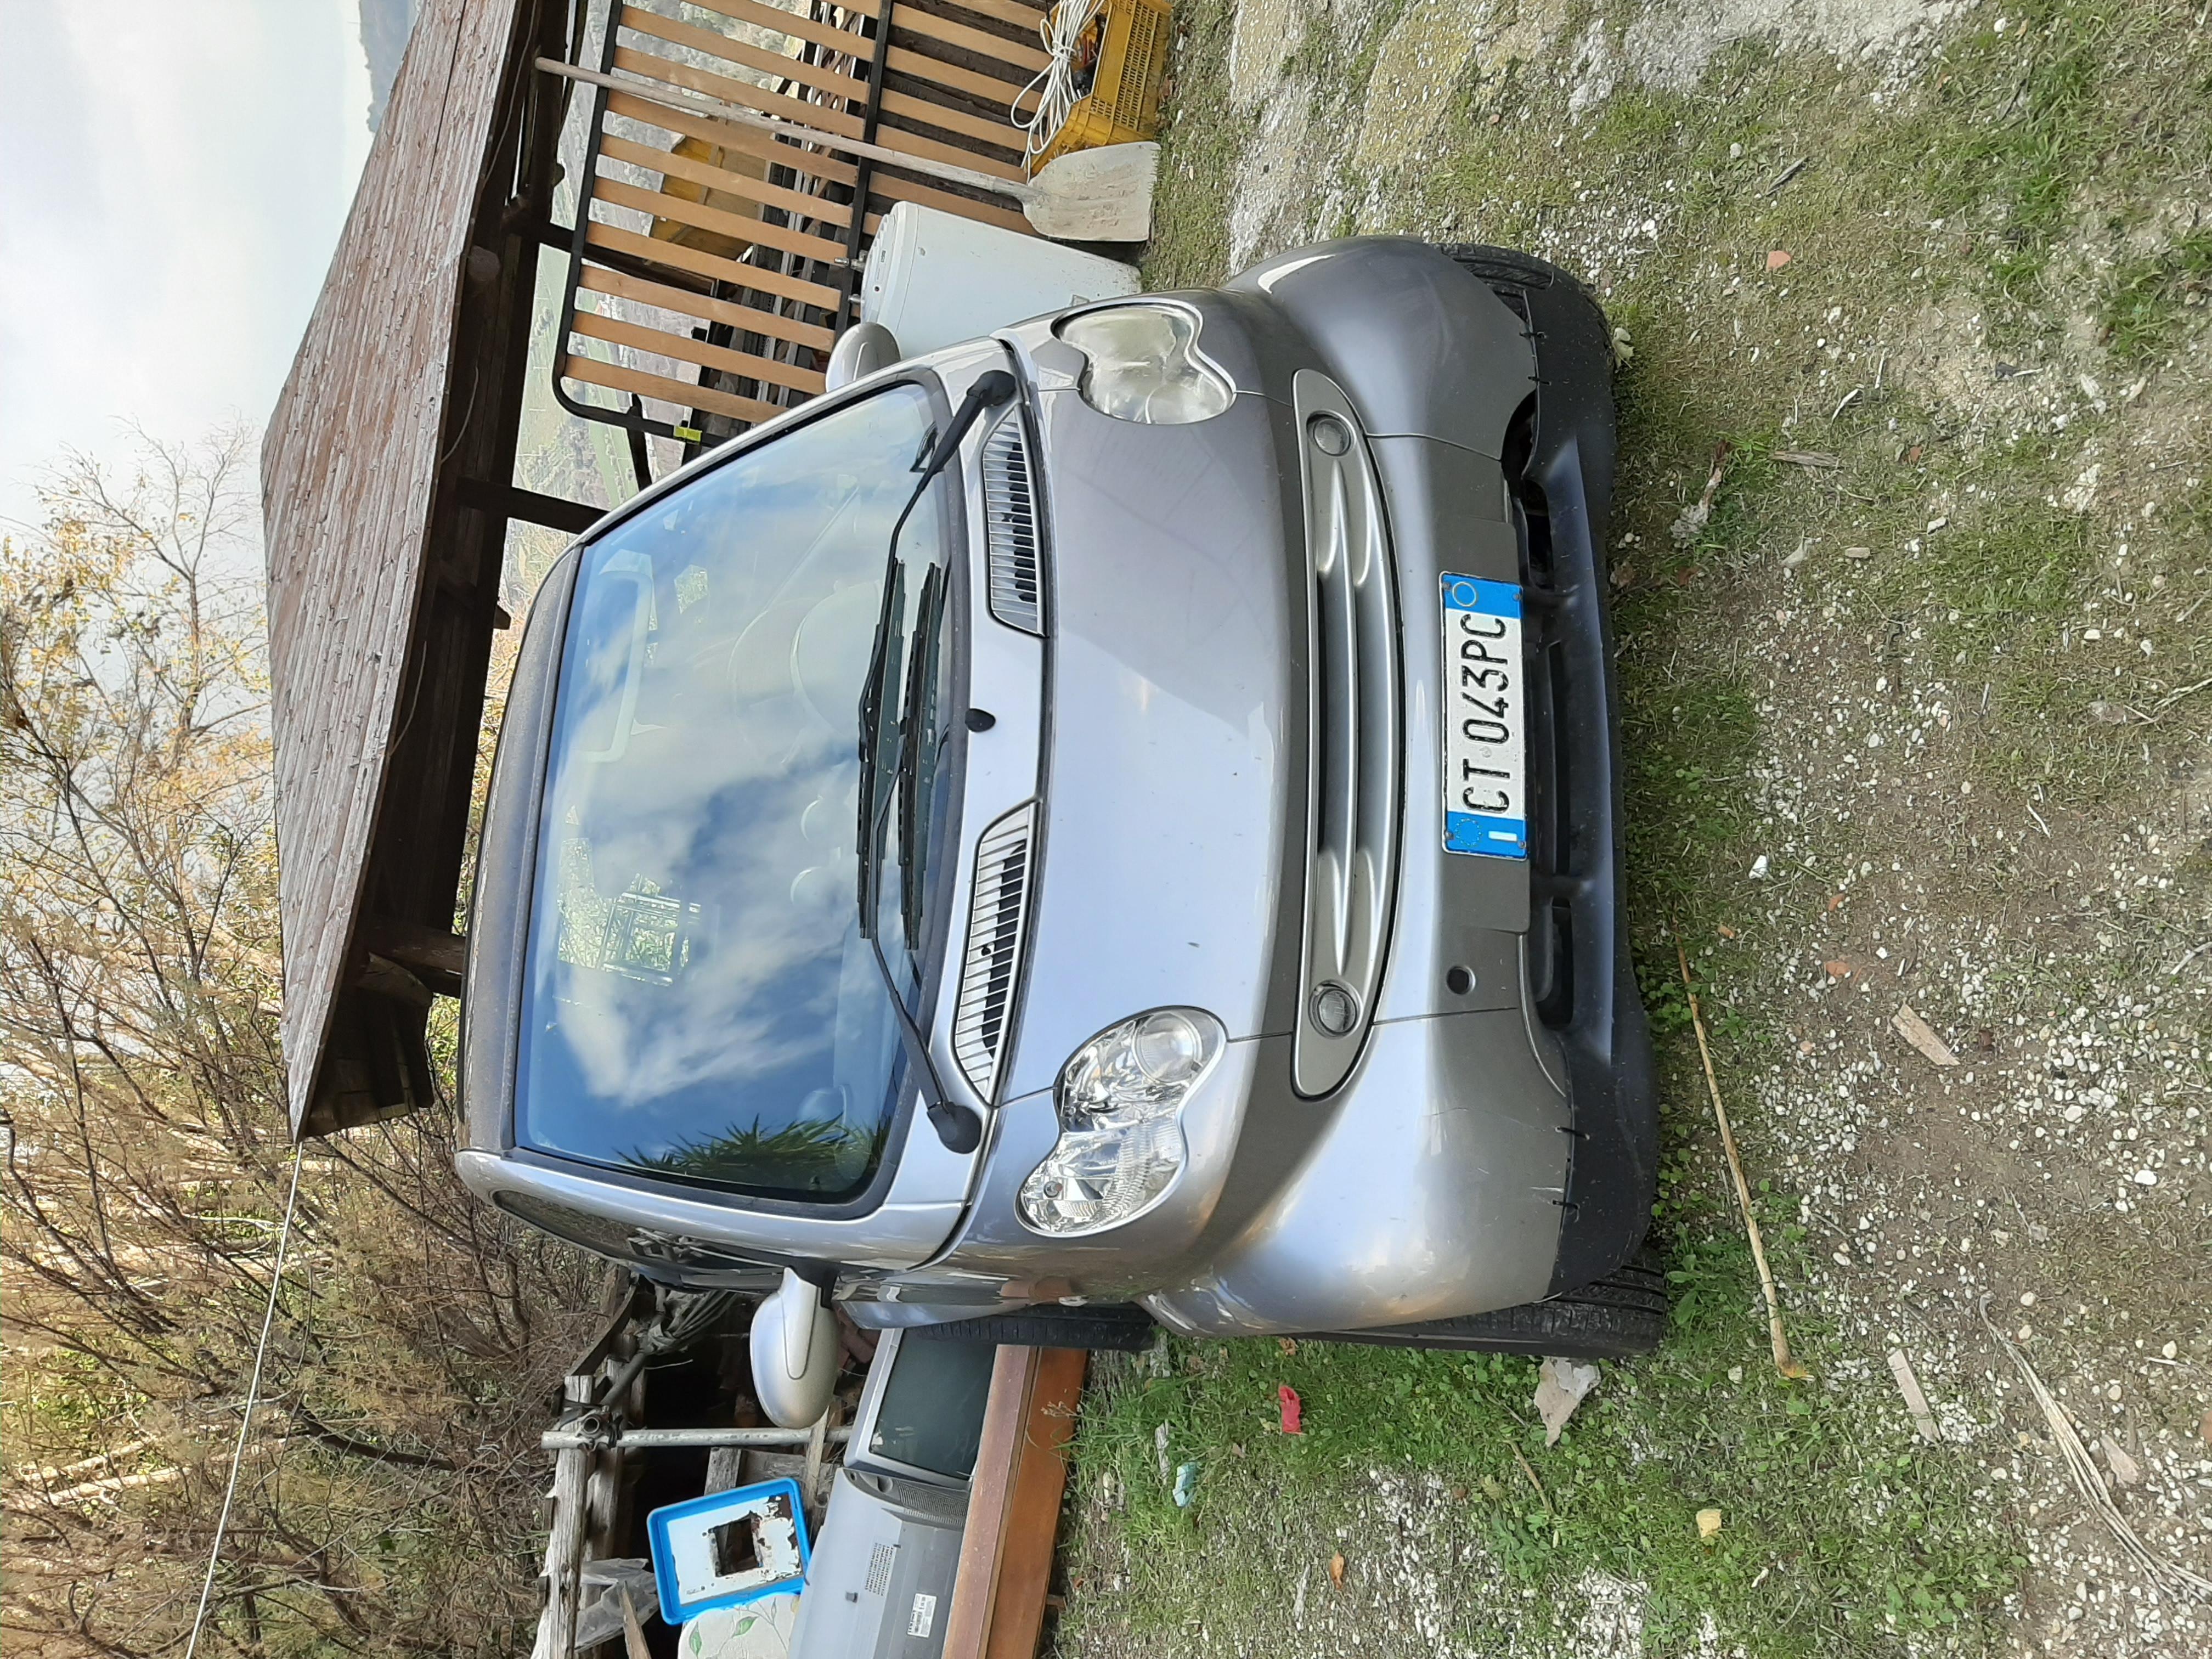 Veicoli all'asta a Ascoli Piceno - foto 3